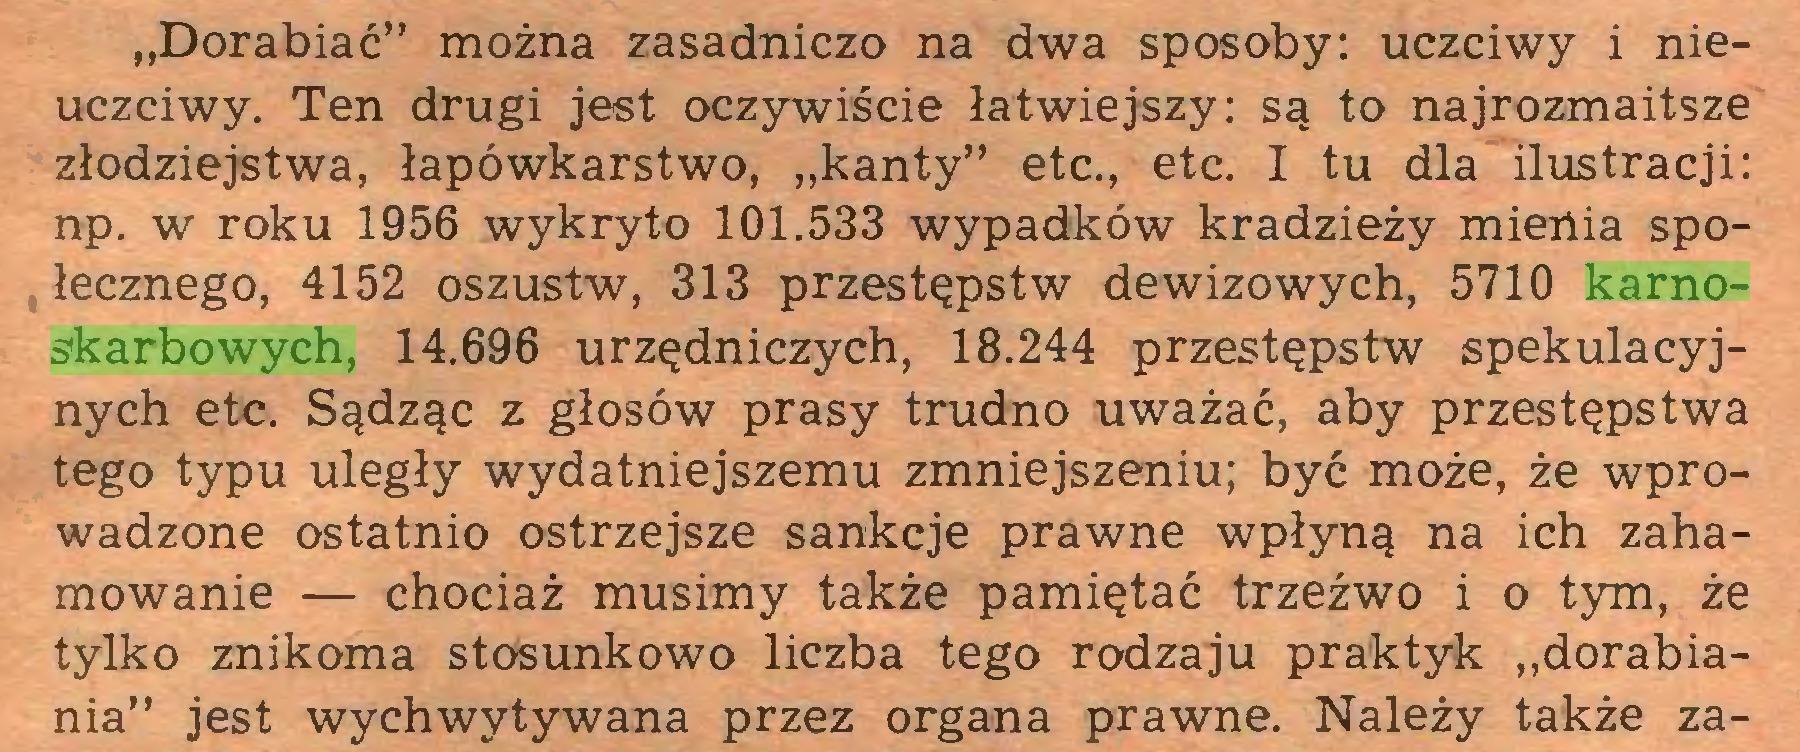 """(...) """"Dorabiać"""" można zasadniczo na dwa sposoby: uczciwy i nieuczciwy. Ten drugi jest oczywiście łatwiejszy: są to najrozmaitsze złodziejstwa, łapówkarstwo, """"kanty"""" etc., etc. I tu dla ilustracji: np. w roku 1956 wykryto 101.533 wypadków kradzieży mienia społecznego, 4152 oszustw, 313 przestępstw dewizowych, 5710 karnoskarbowych, 14.696 urzędniczych, 18.244 przestępstw spekulacyjnych etc. Sądząc z głosów prasy trudno uważać, aby przestępstwa tego typu uległy wydatniejszemu zmniejszeniu; być może, że wprowadzone ostatnio ostrzejsze sankcje prawne wpłyną na ich zahamowanie — chociaż musimy także pamiętać trzeźwo i o tym, że tylko znikoma stosunkowo liczba tego rodzaju praktyk """"dorabiania"""" jest wychwytywana przez organa prawne. Należy także za..."""